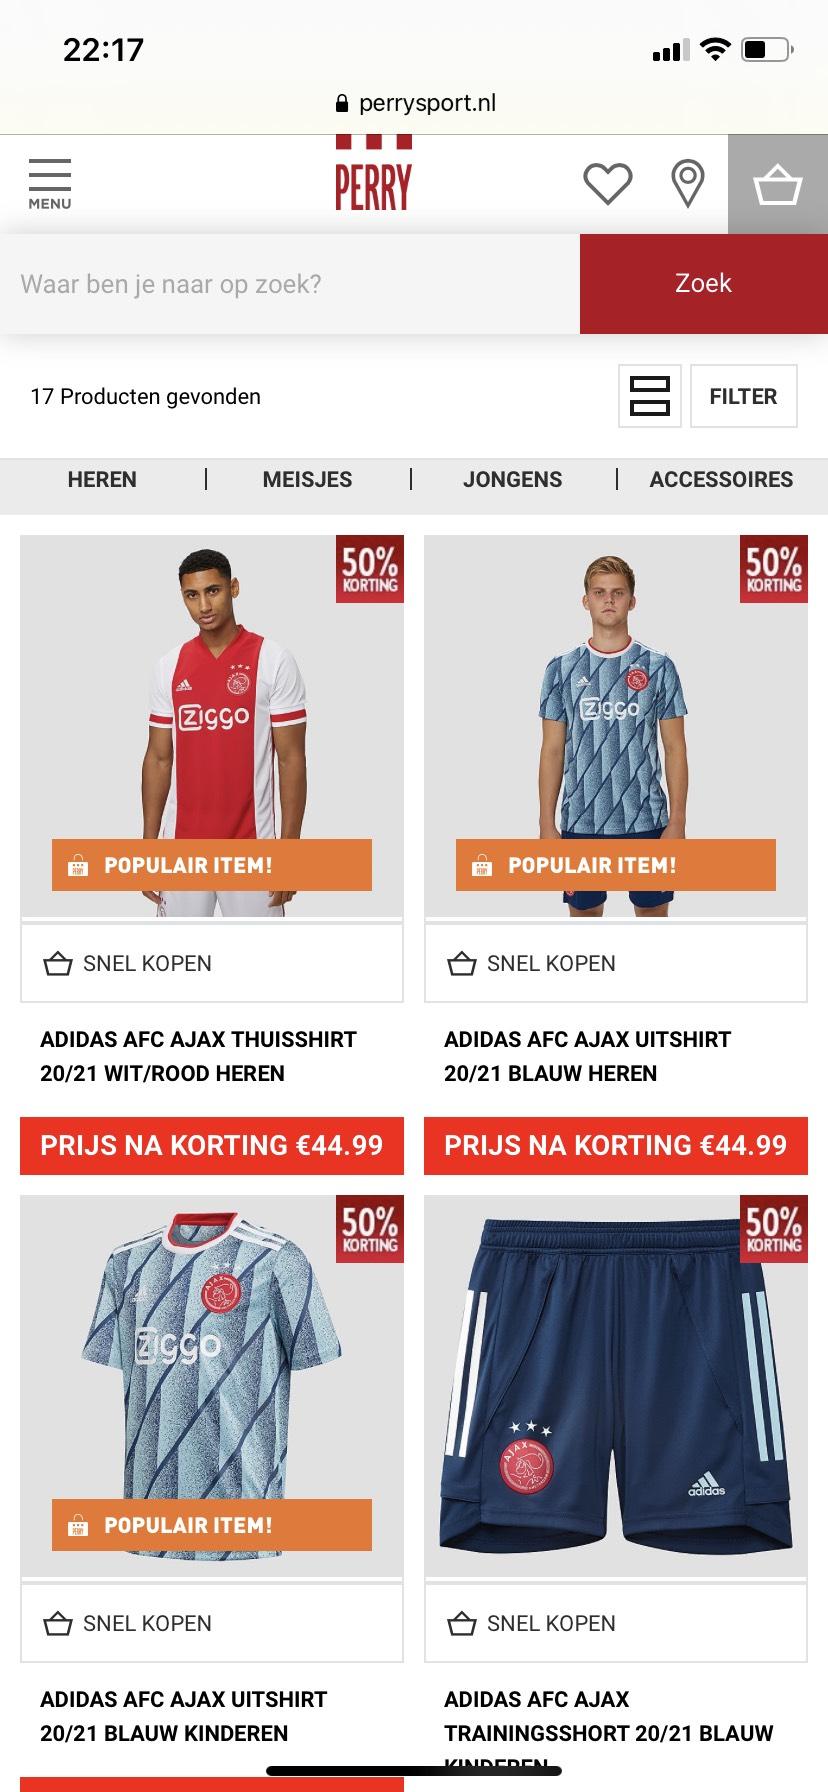 Ajax 20/21 kleding met 50% korting!